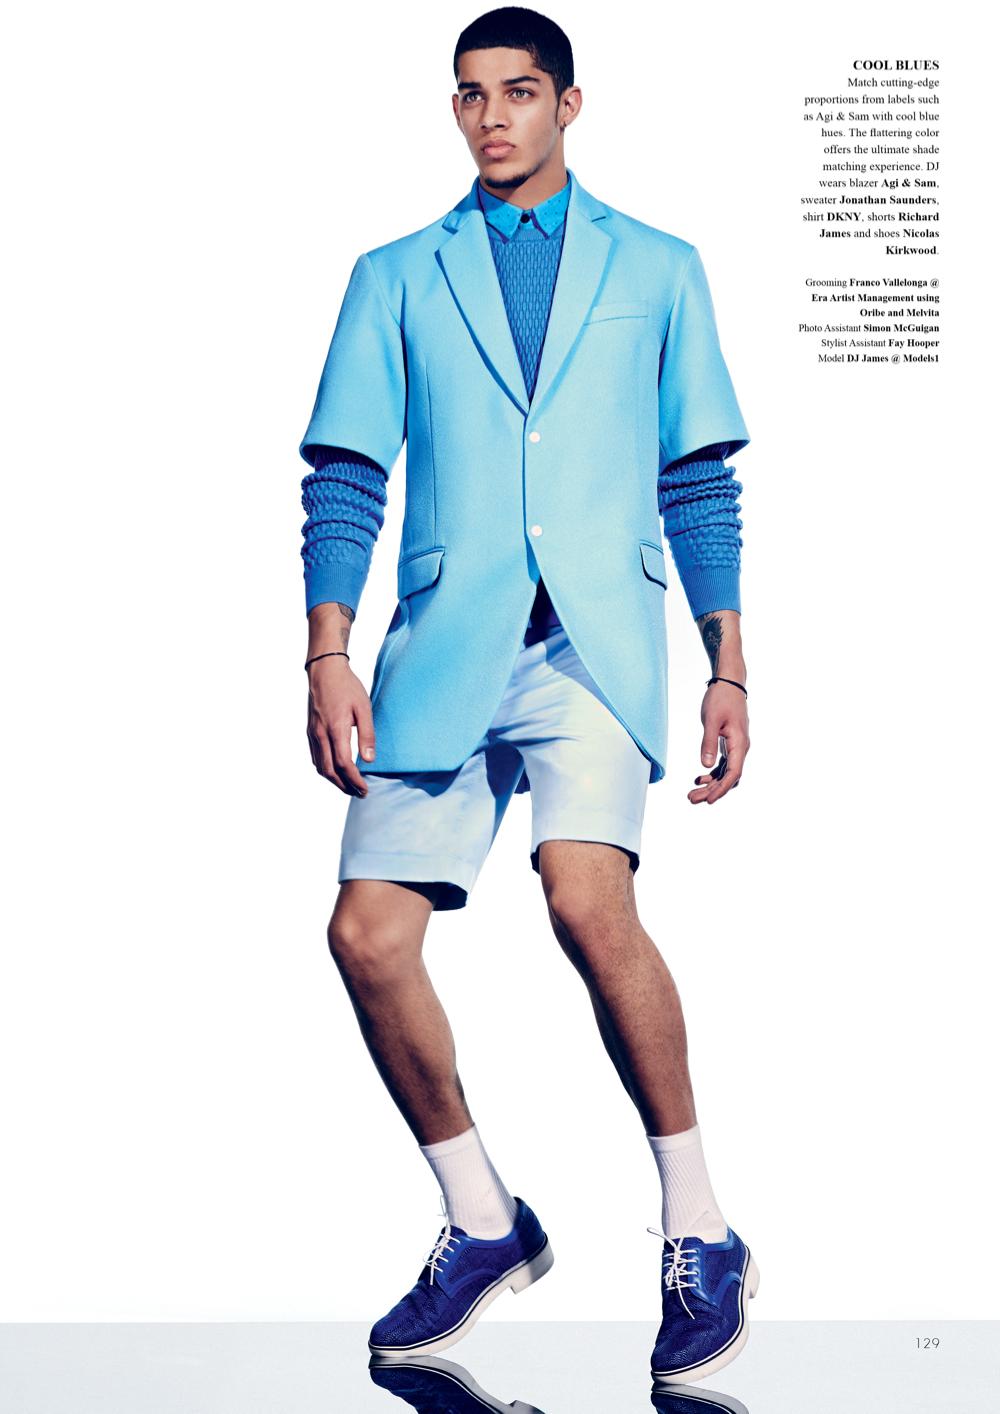 Pop Scene: DJ James by Diego Merino for Fashionisto #10